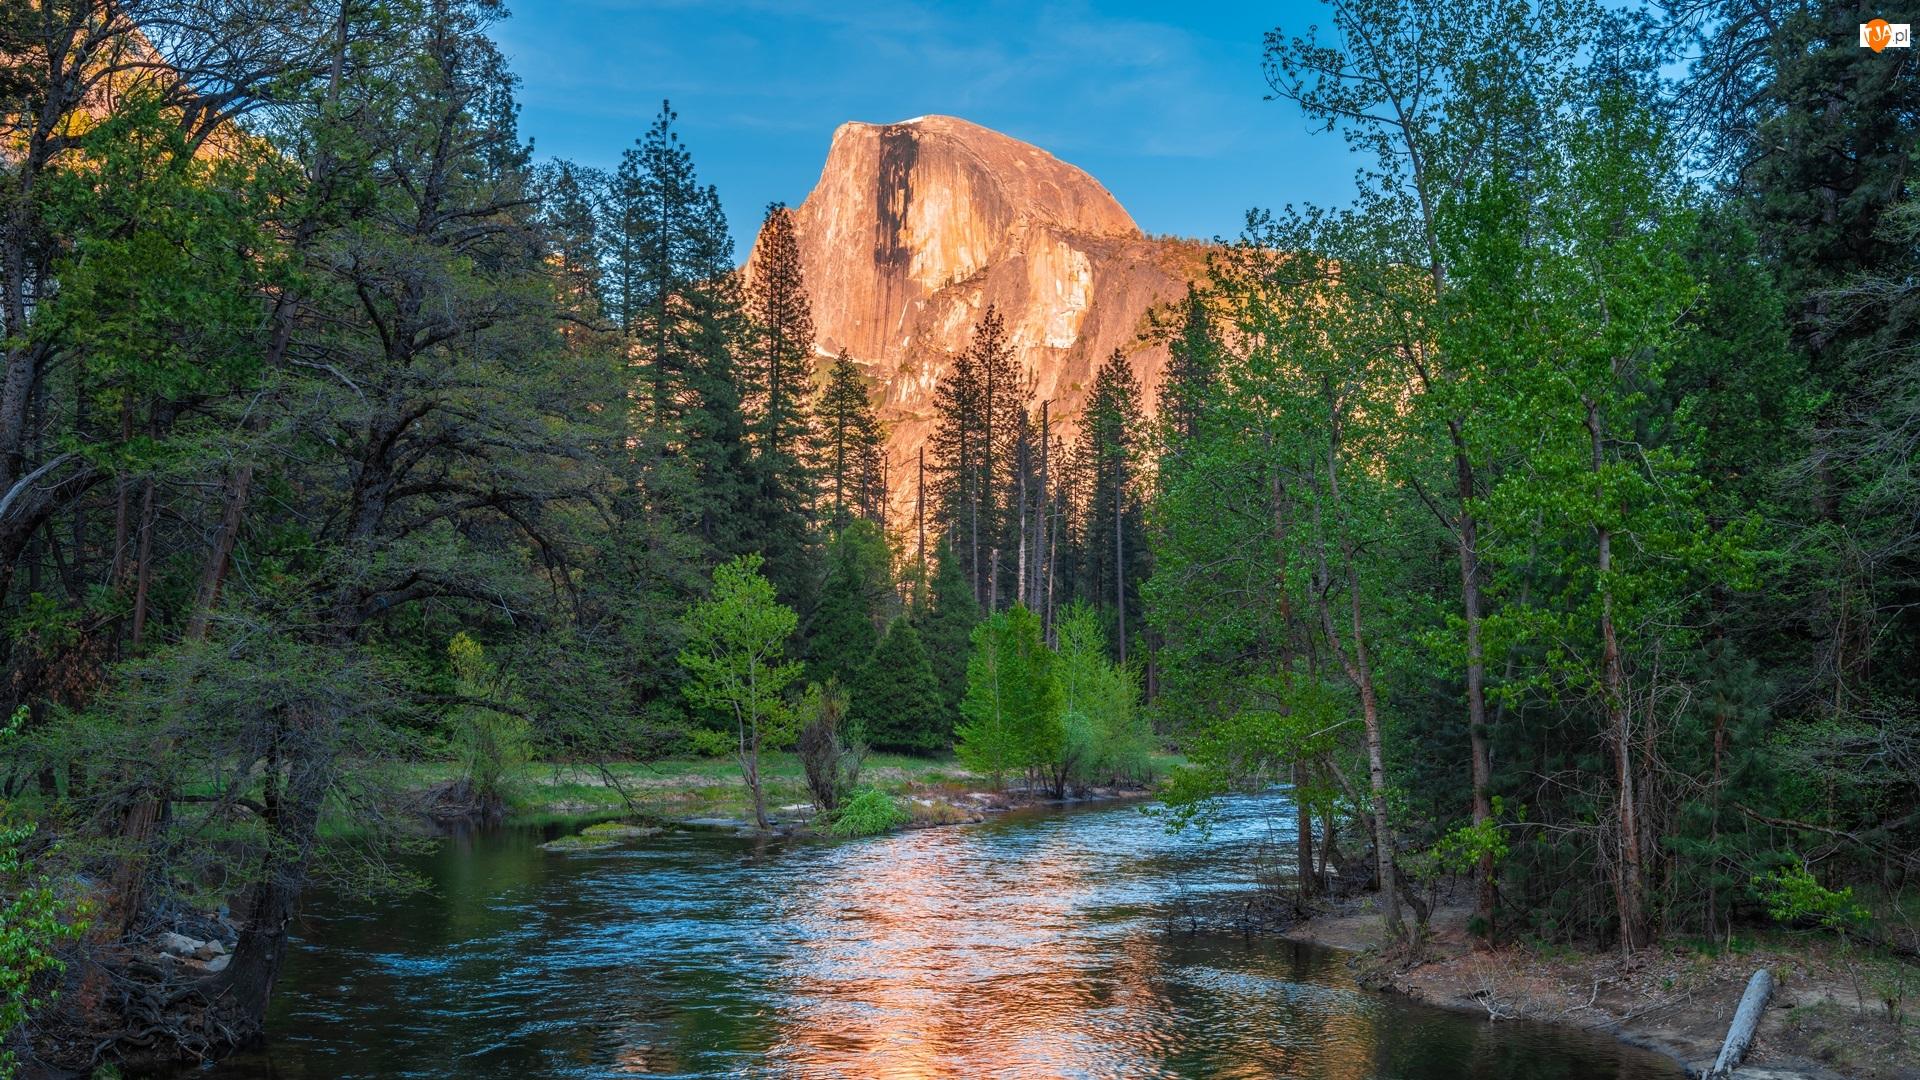 Rzeka, Stany Zjednocznone, Góry, Merced River, Kalifornia, Szczyt Half Dome, Drzewa, Park Narodowy Yosemite